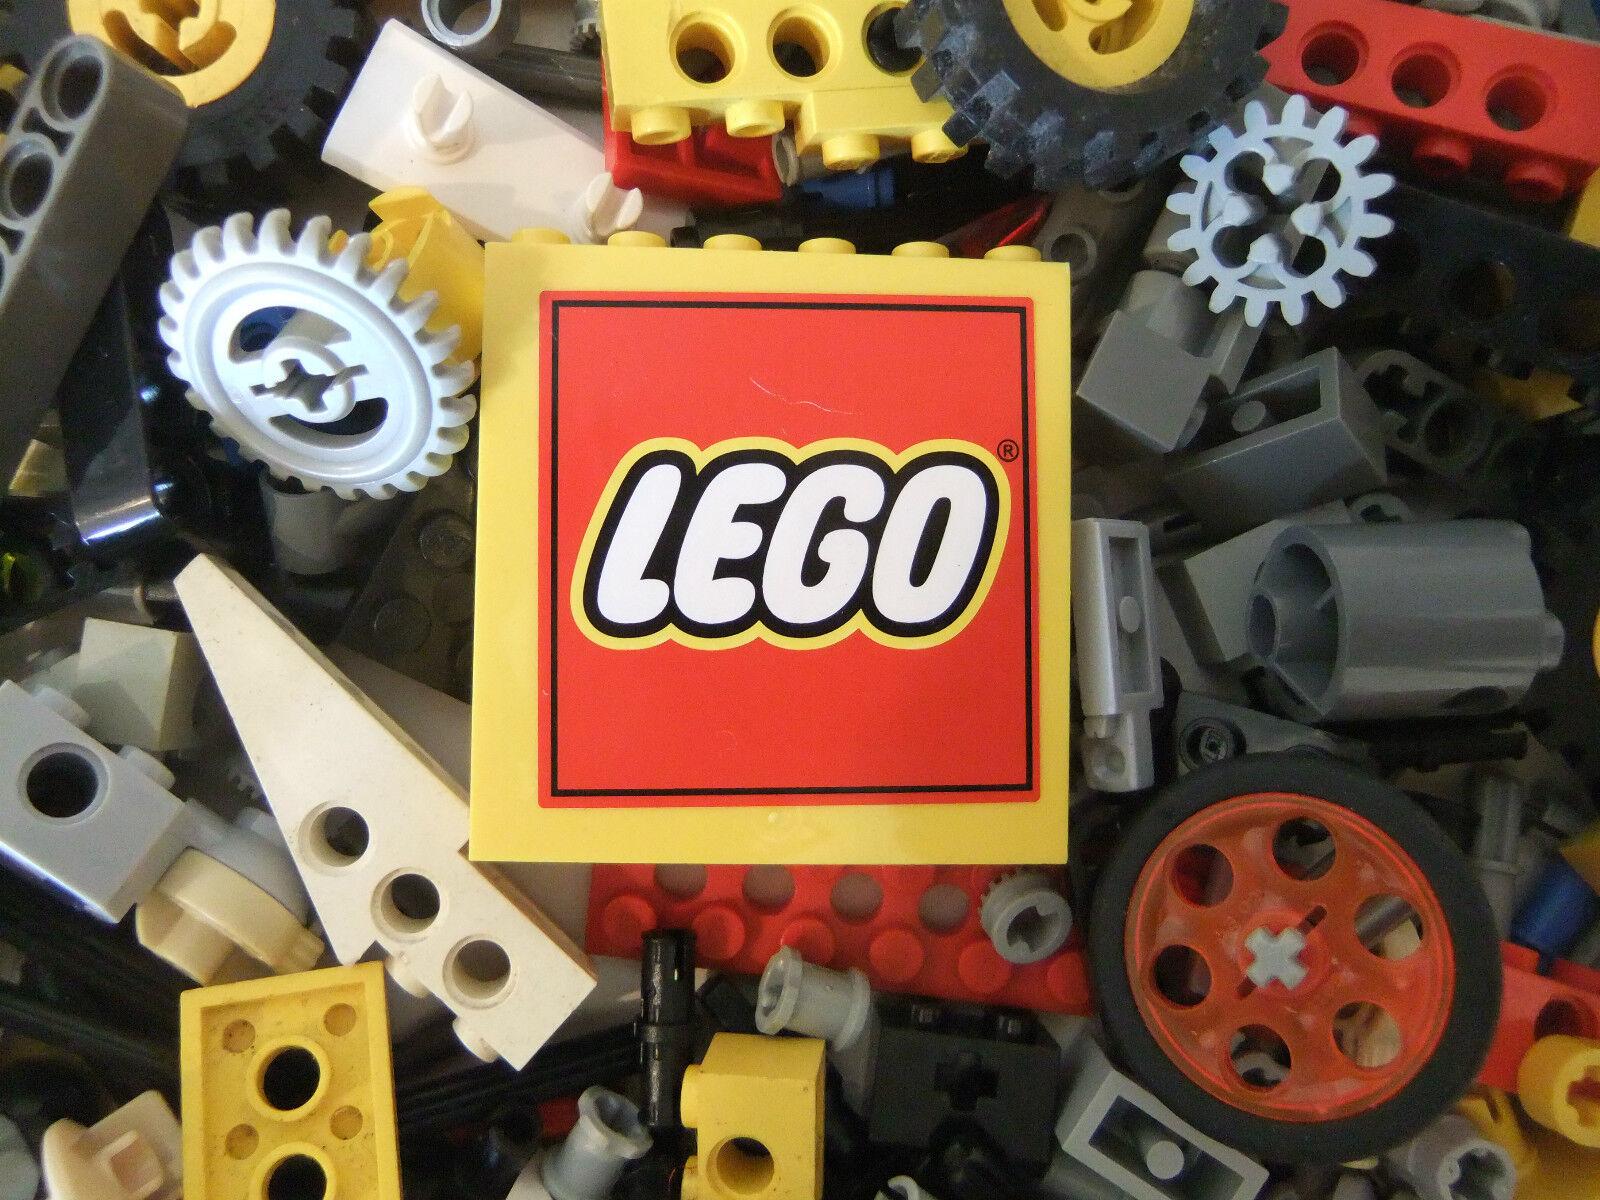 Nettoyer 1 kg lego technic 1000g  starter set  BRIQUES POUTRES PINS essieux roues rouages